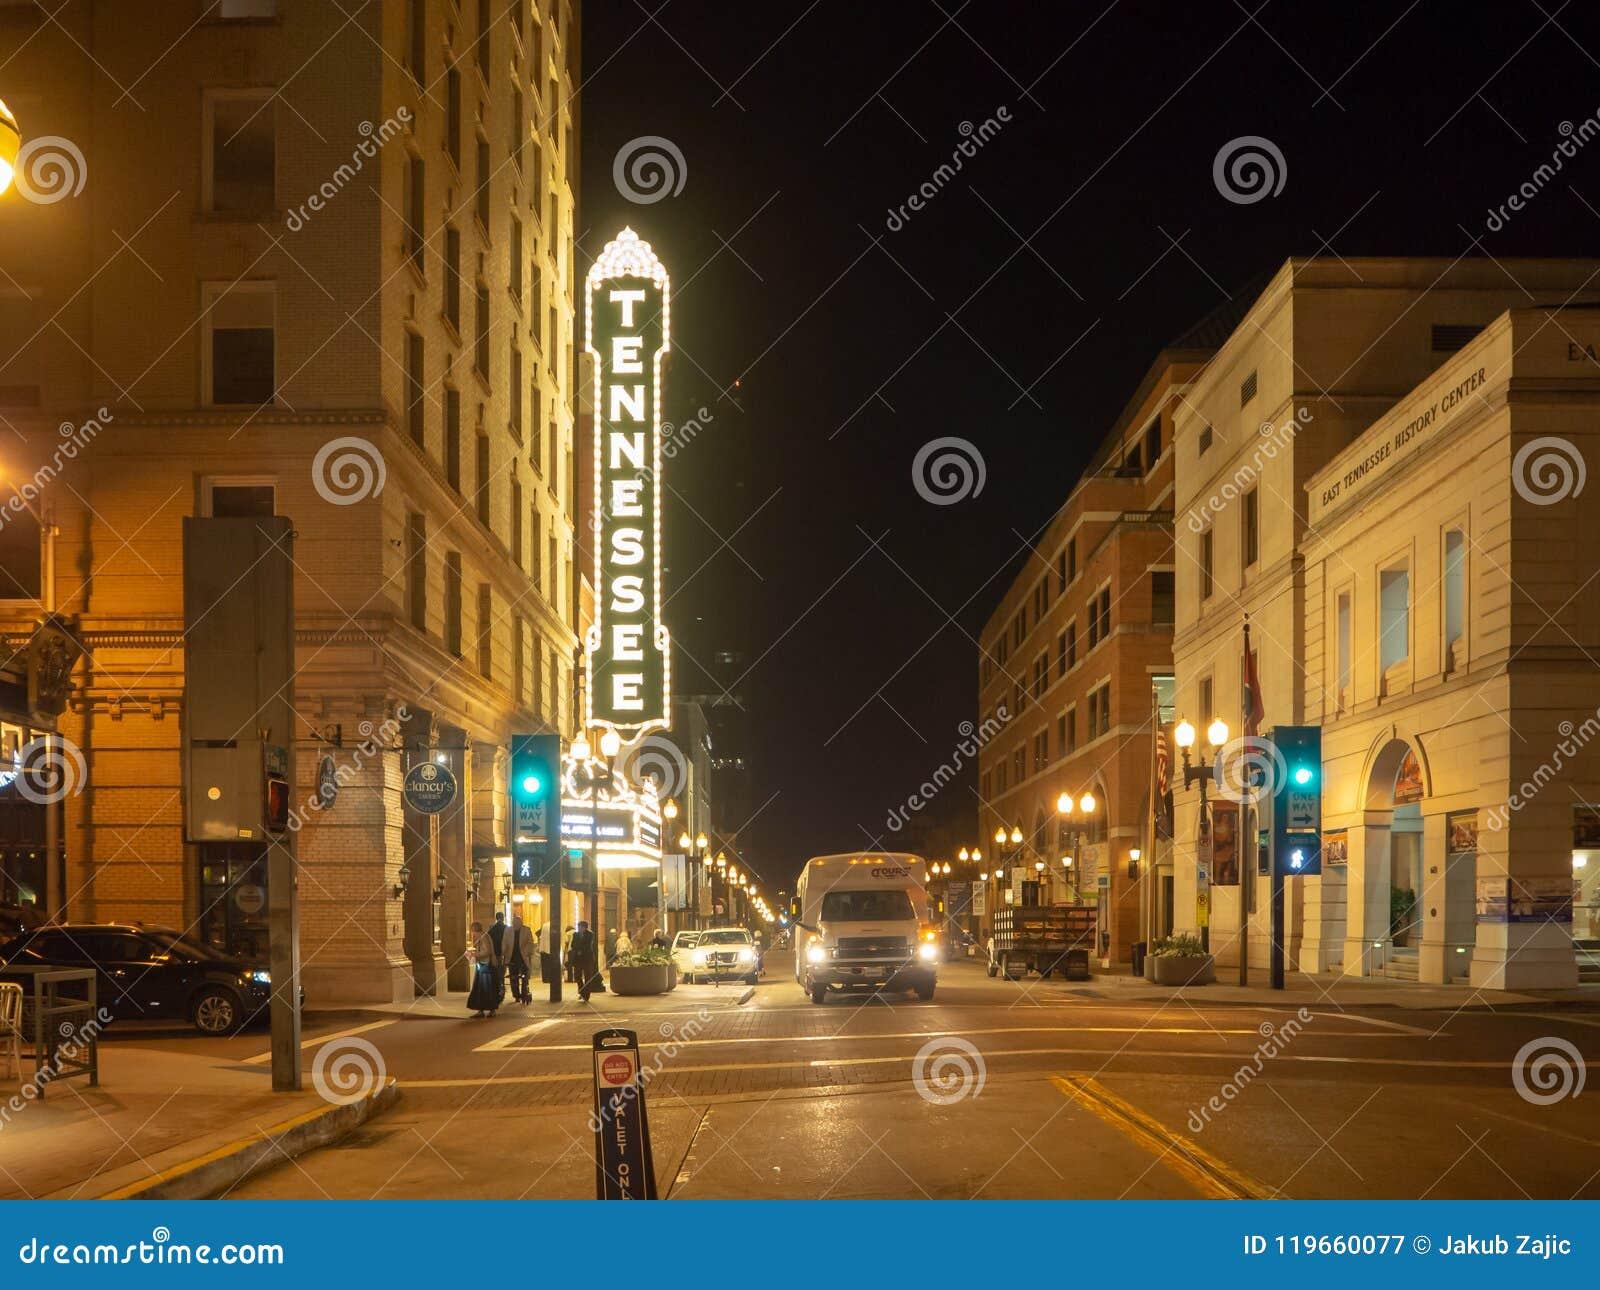 Rua alegre, Knoxville, Tennessee, Estados Unidos da América: [Vida noturna no centro de Knoxville]